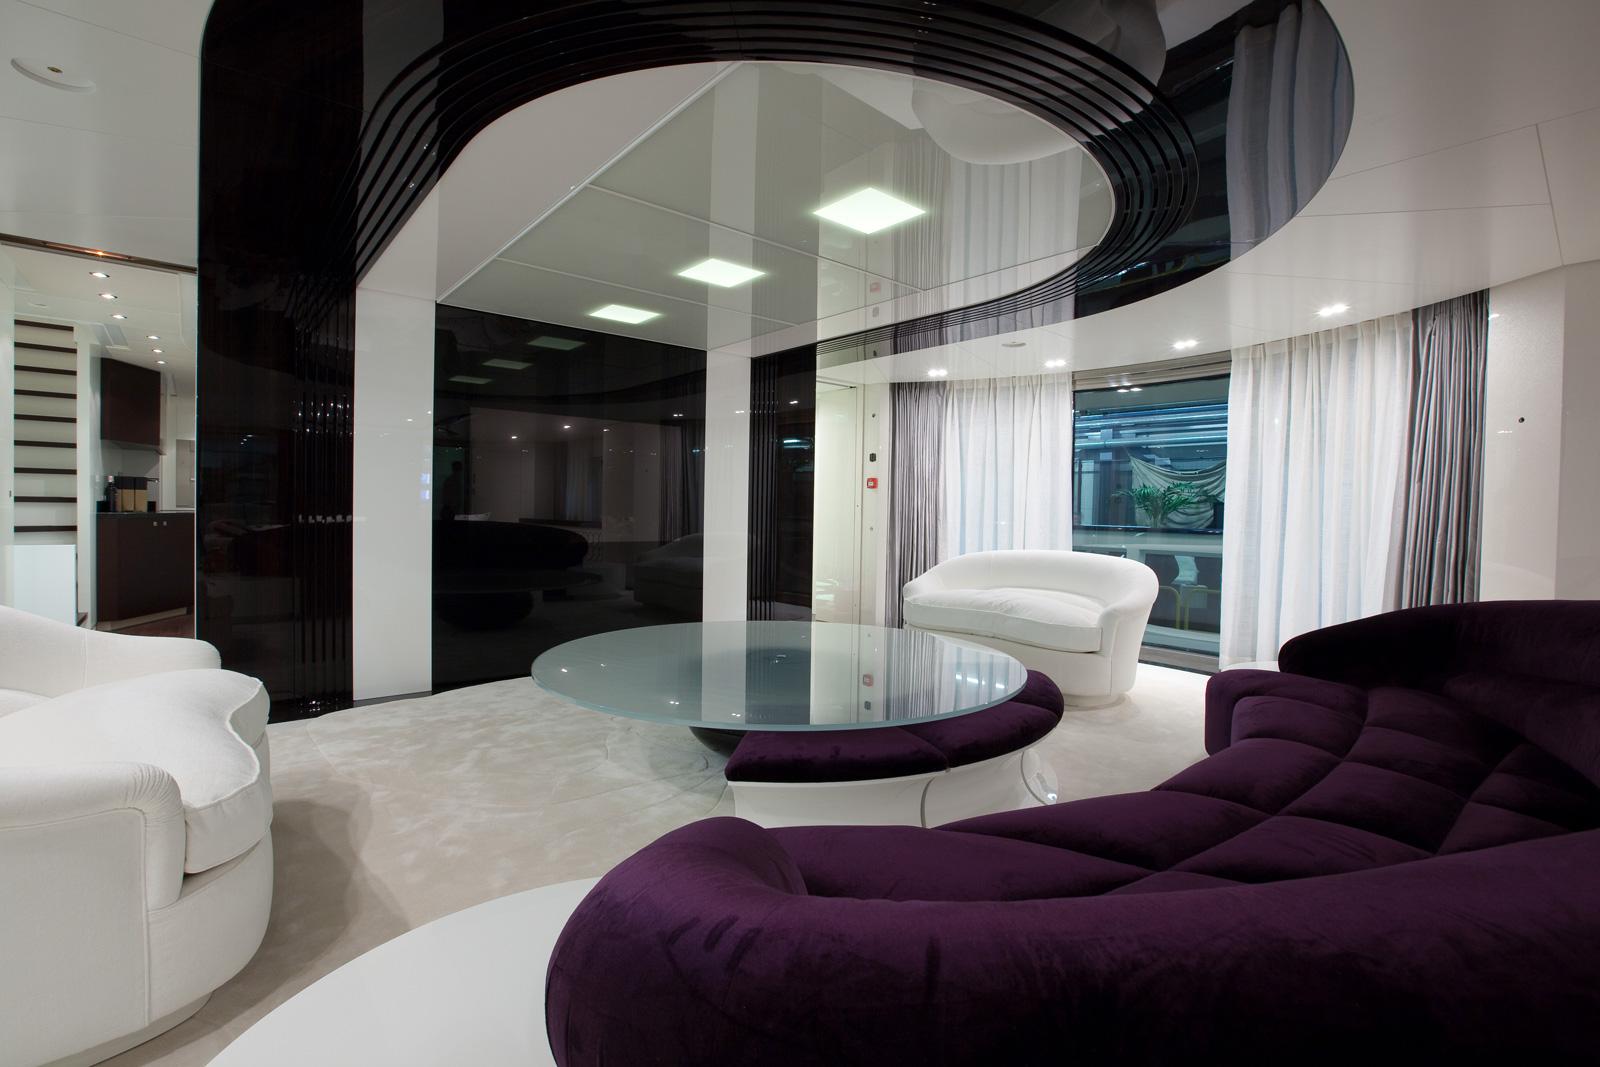 Quinta Essentia Main Salon (Photo credit to Emilio Bianchi)